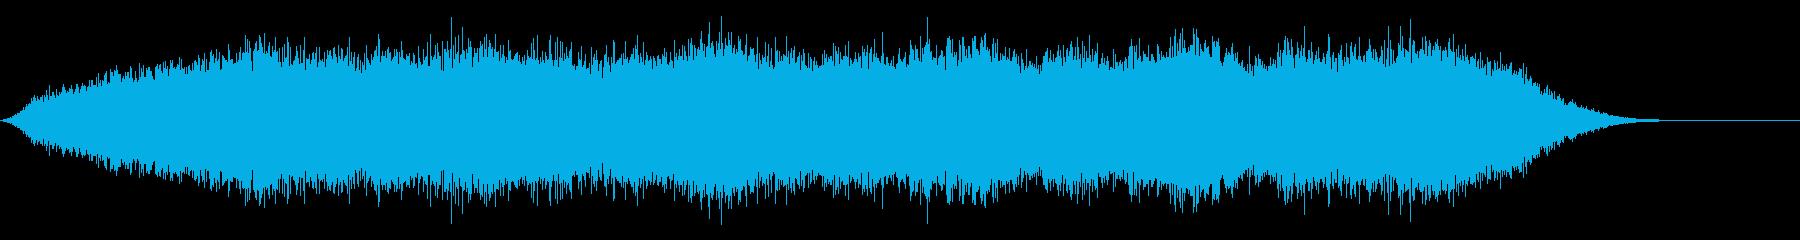 Dark_ホラーで怪しく神秘的-24_Sの再生済みの波形